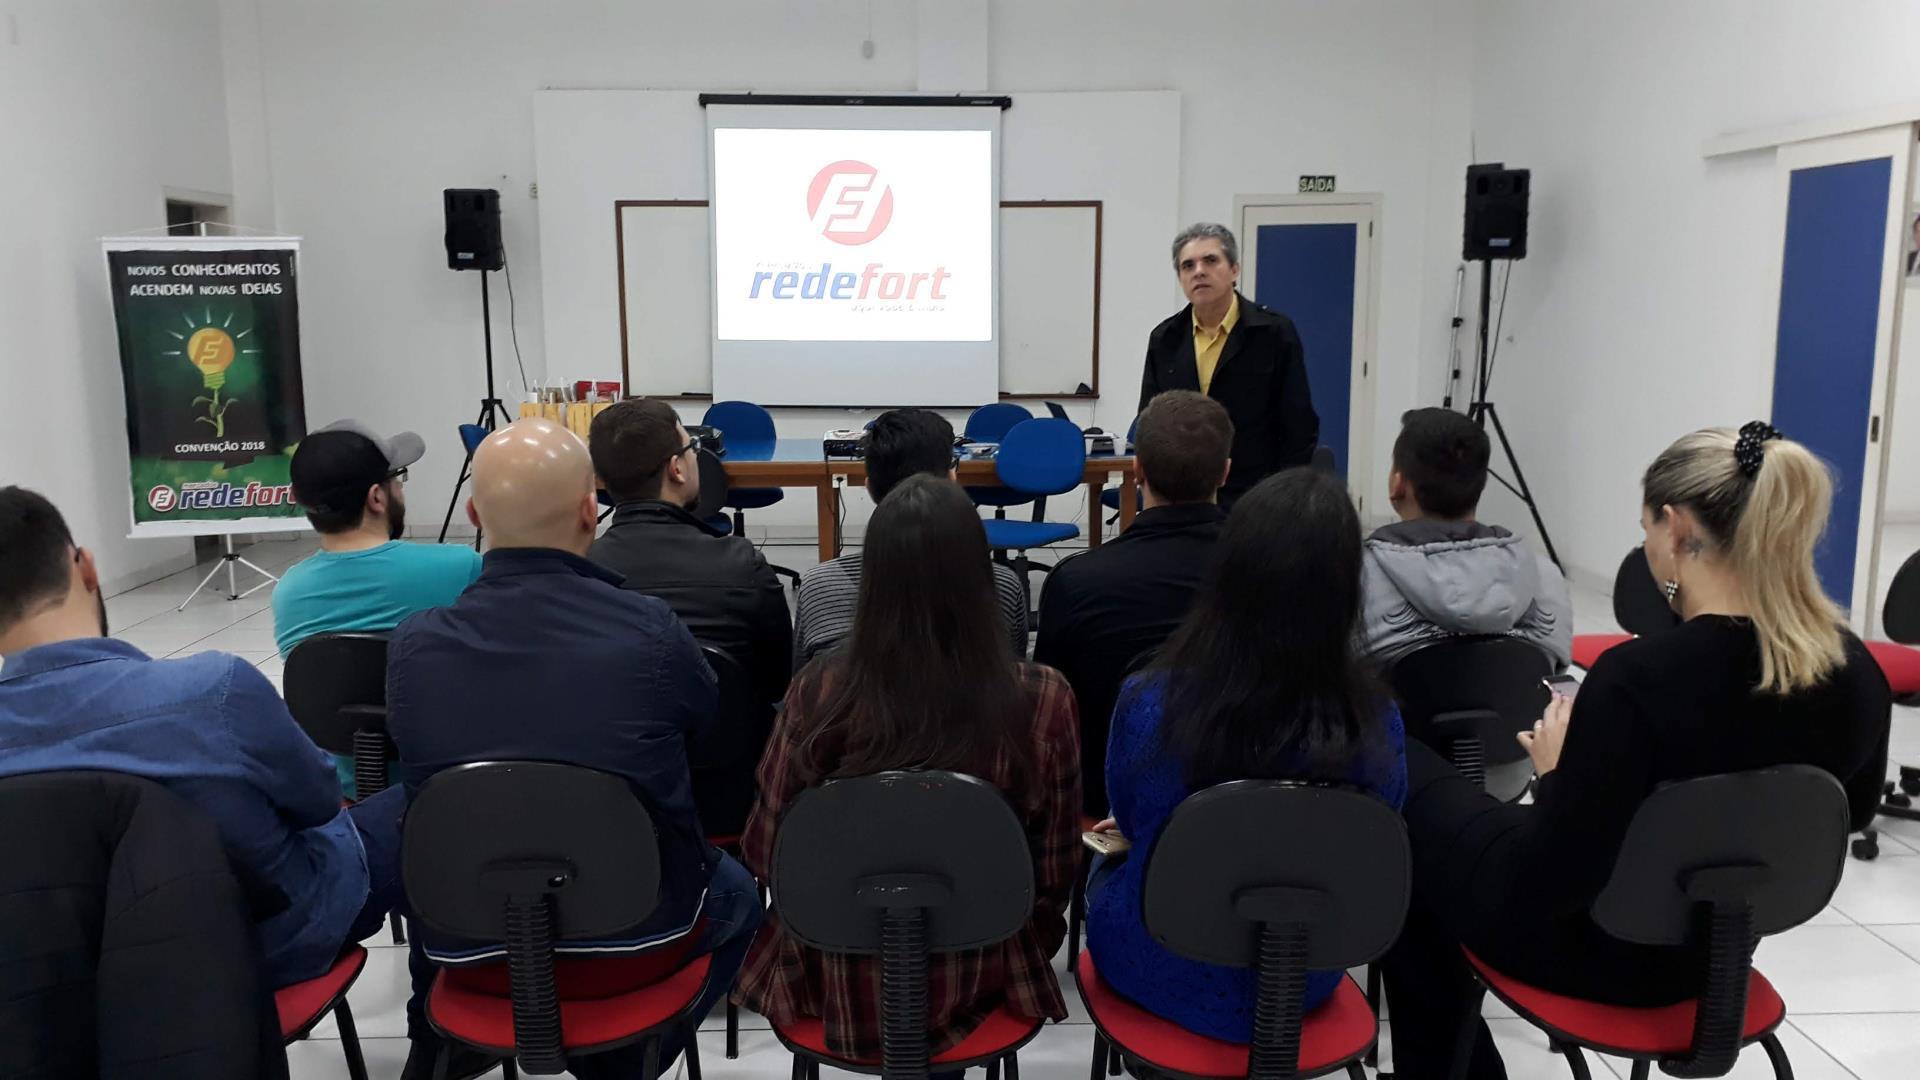 Acadêmicos realizam pesquisa de campo na sede administrativa da RedeFort Mercados